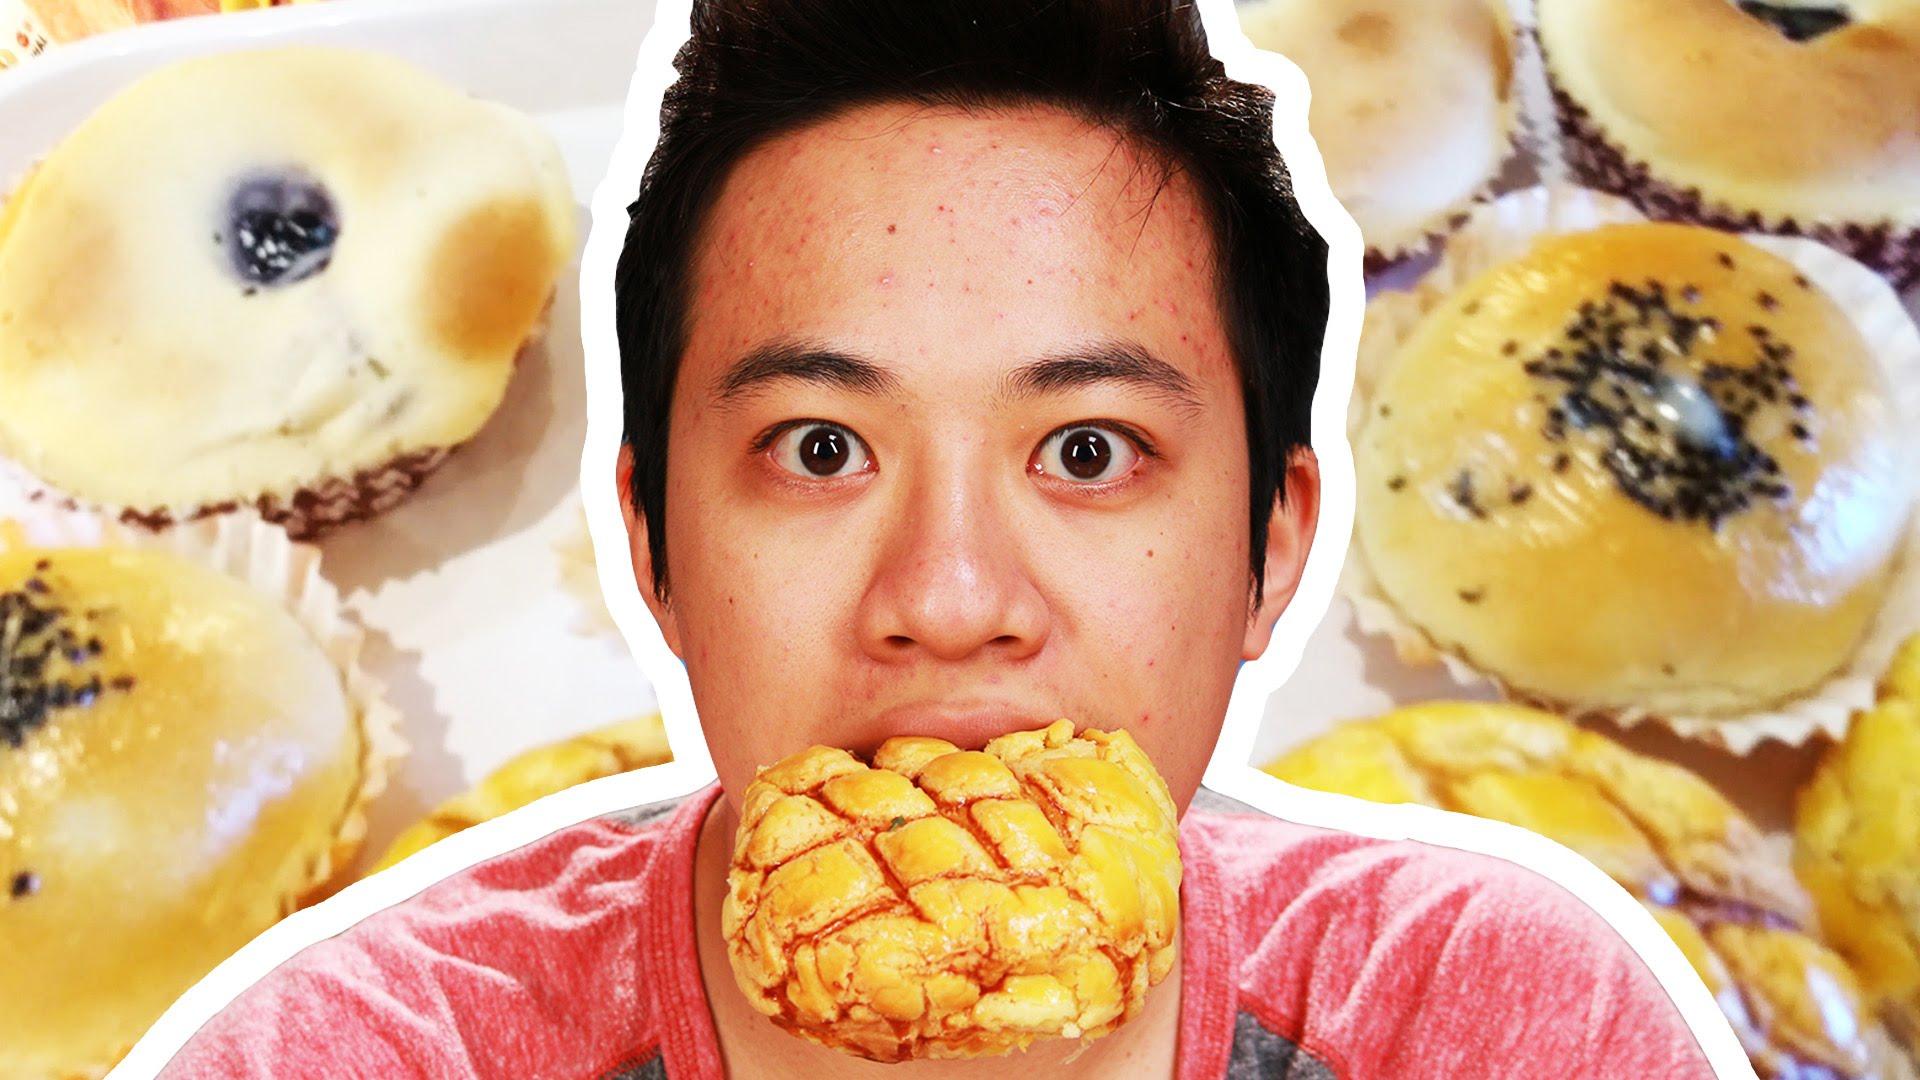 歪果朋友試吃台灣麵包,一口咬下立刻驚呼『太強了~』